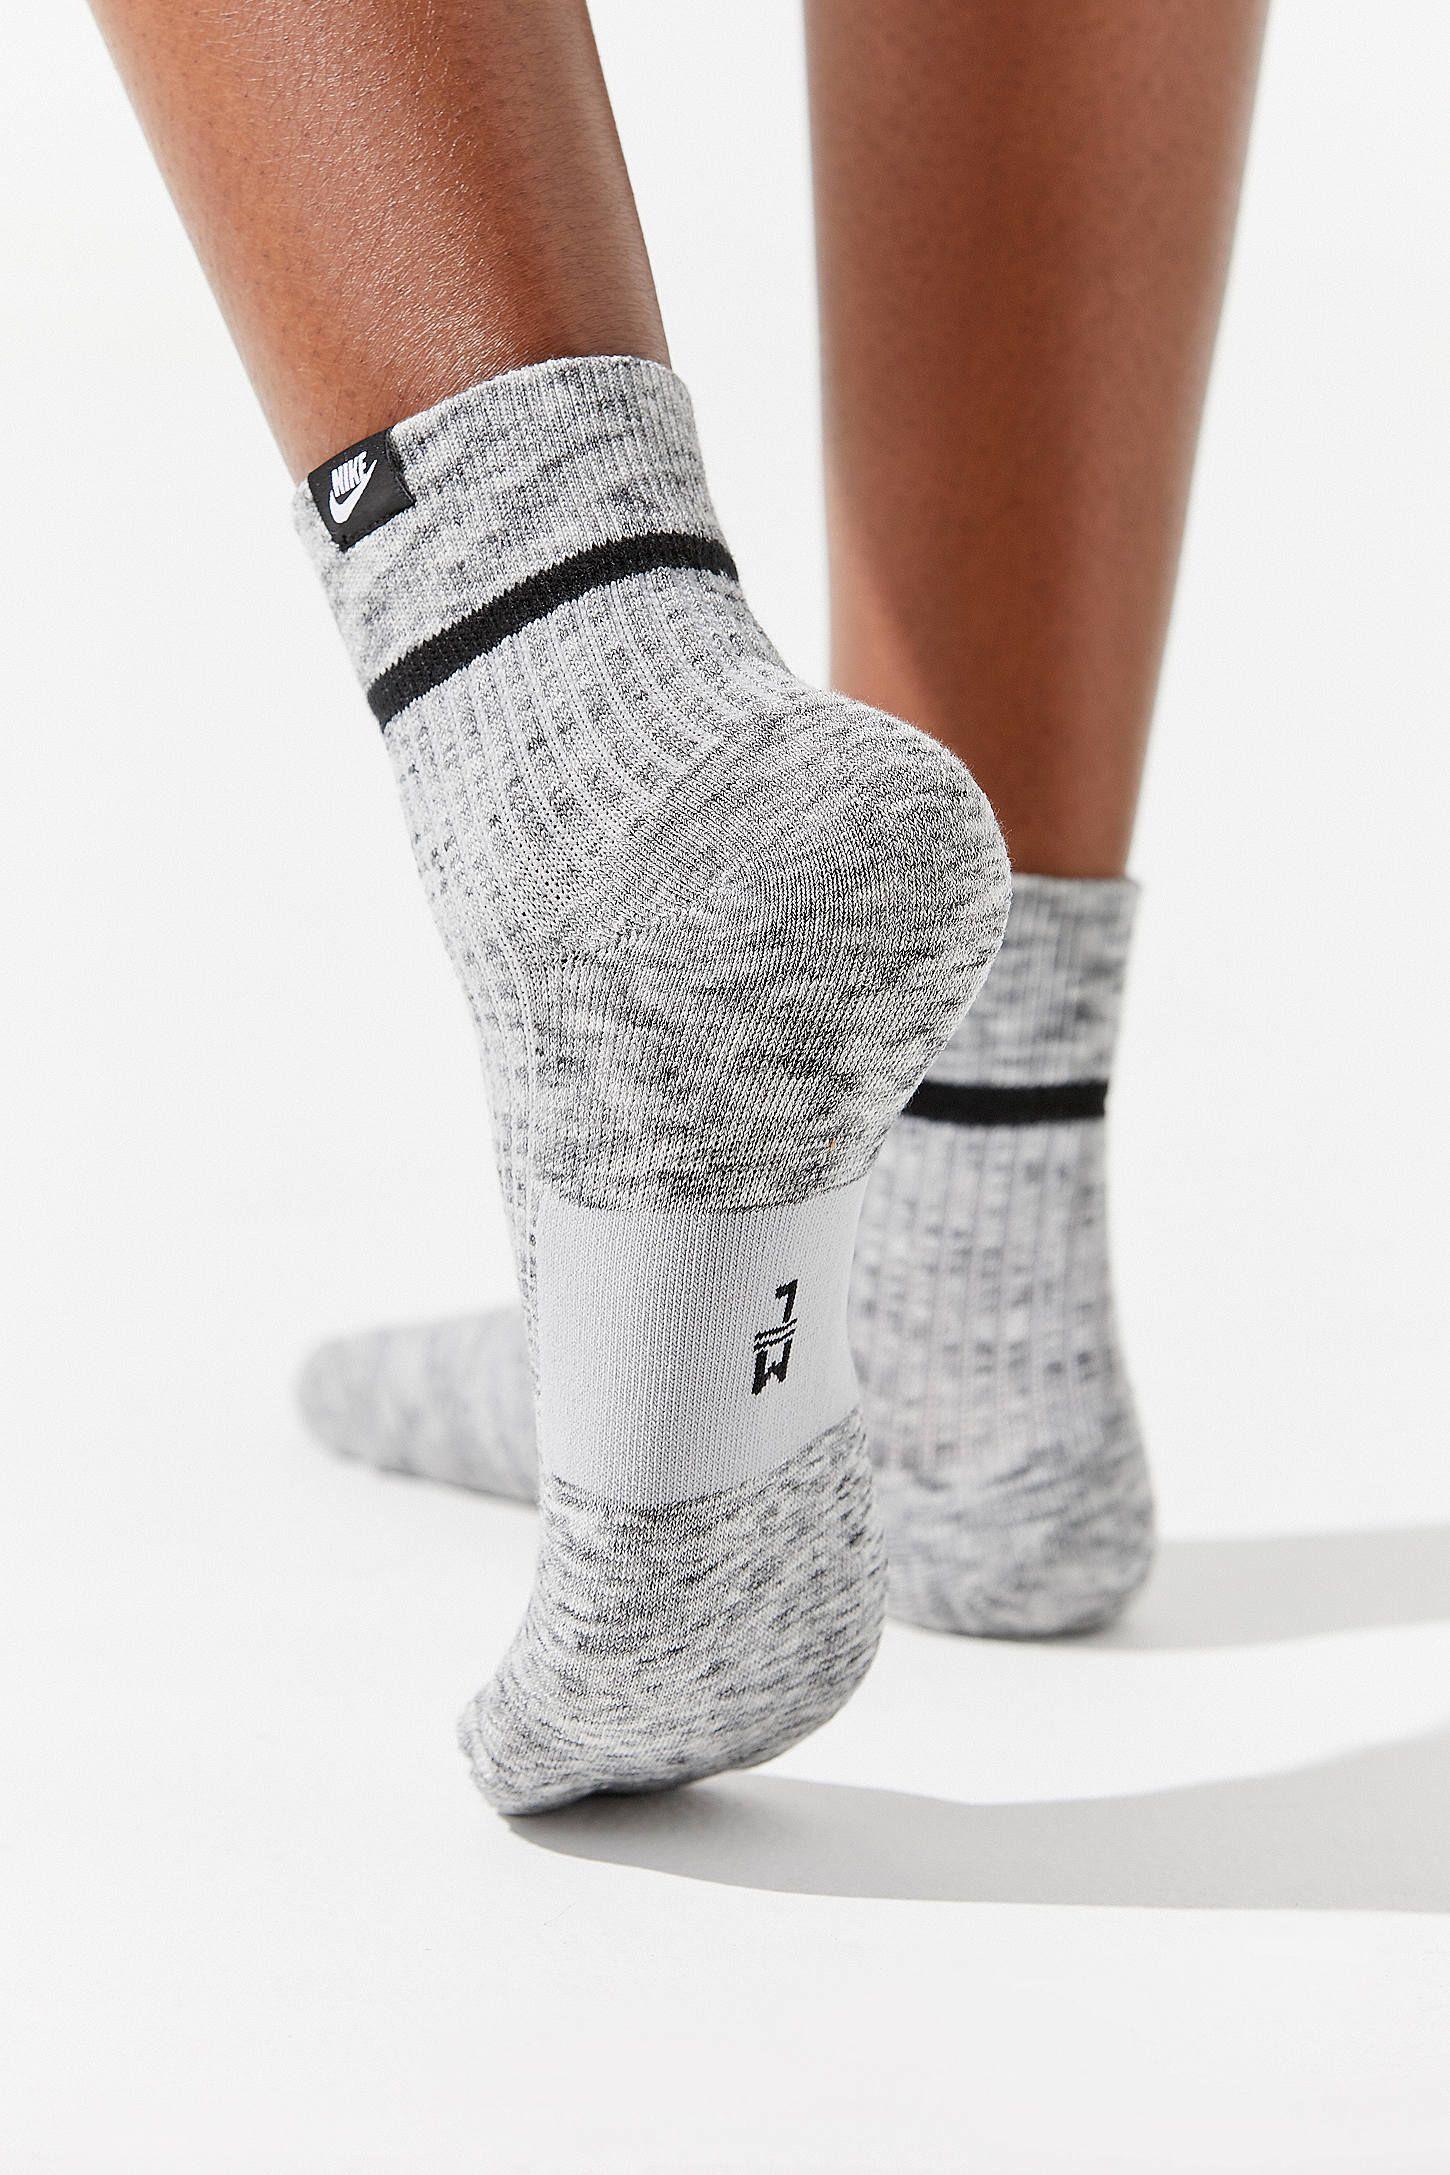 Women Men Teenager With Sneakers Bike Pattern Cushion Ankle Socks